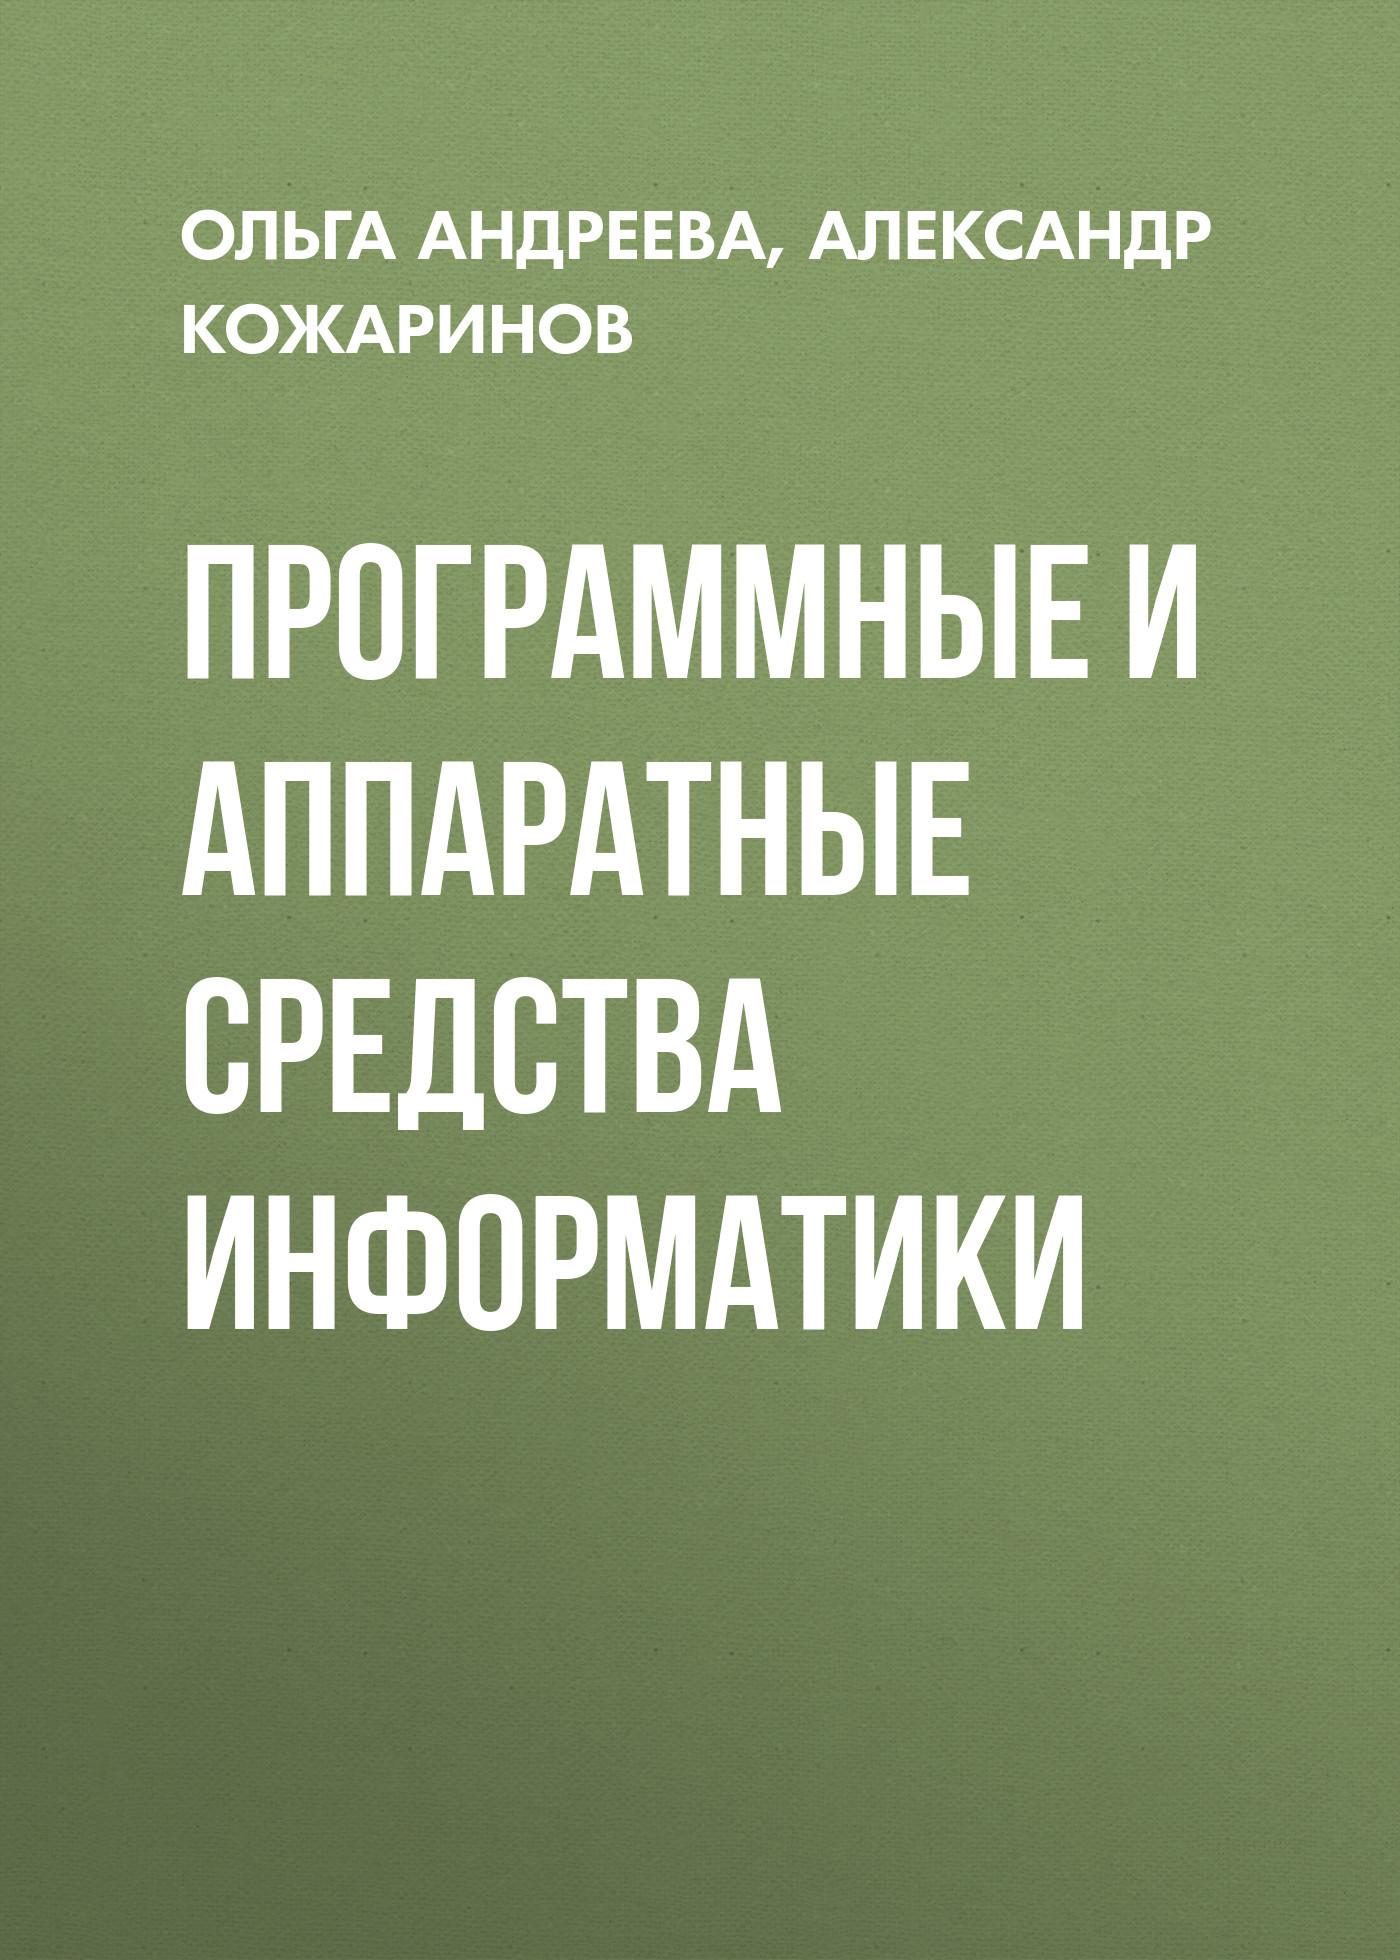 Ольга Андреева Программные и аппаратные средства информатики